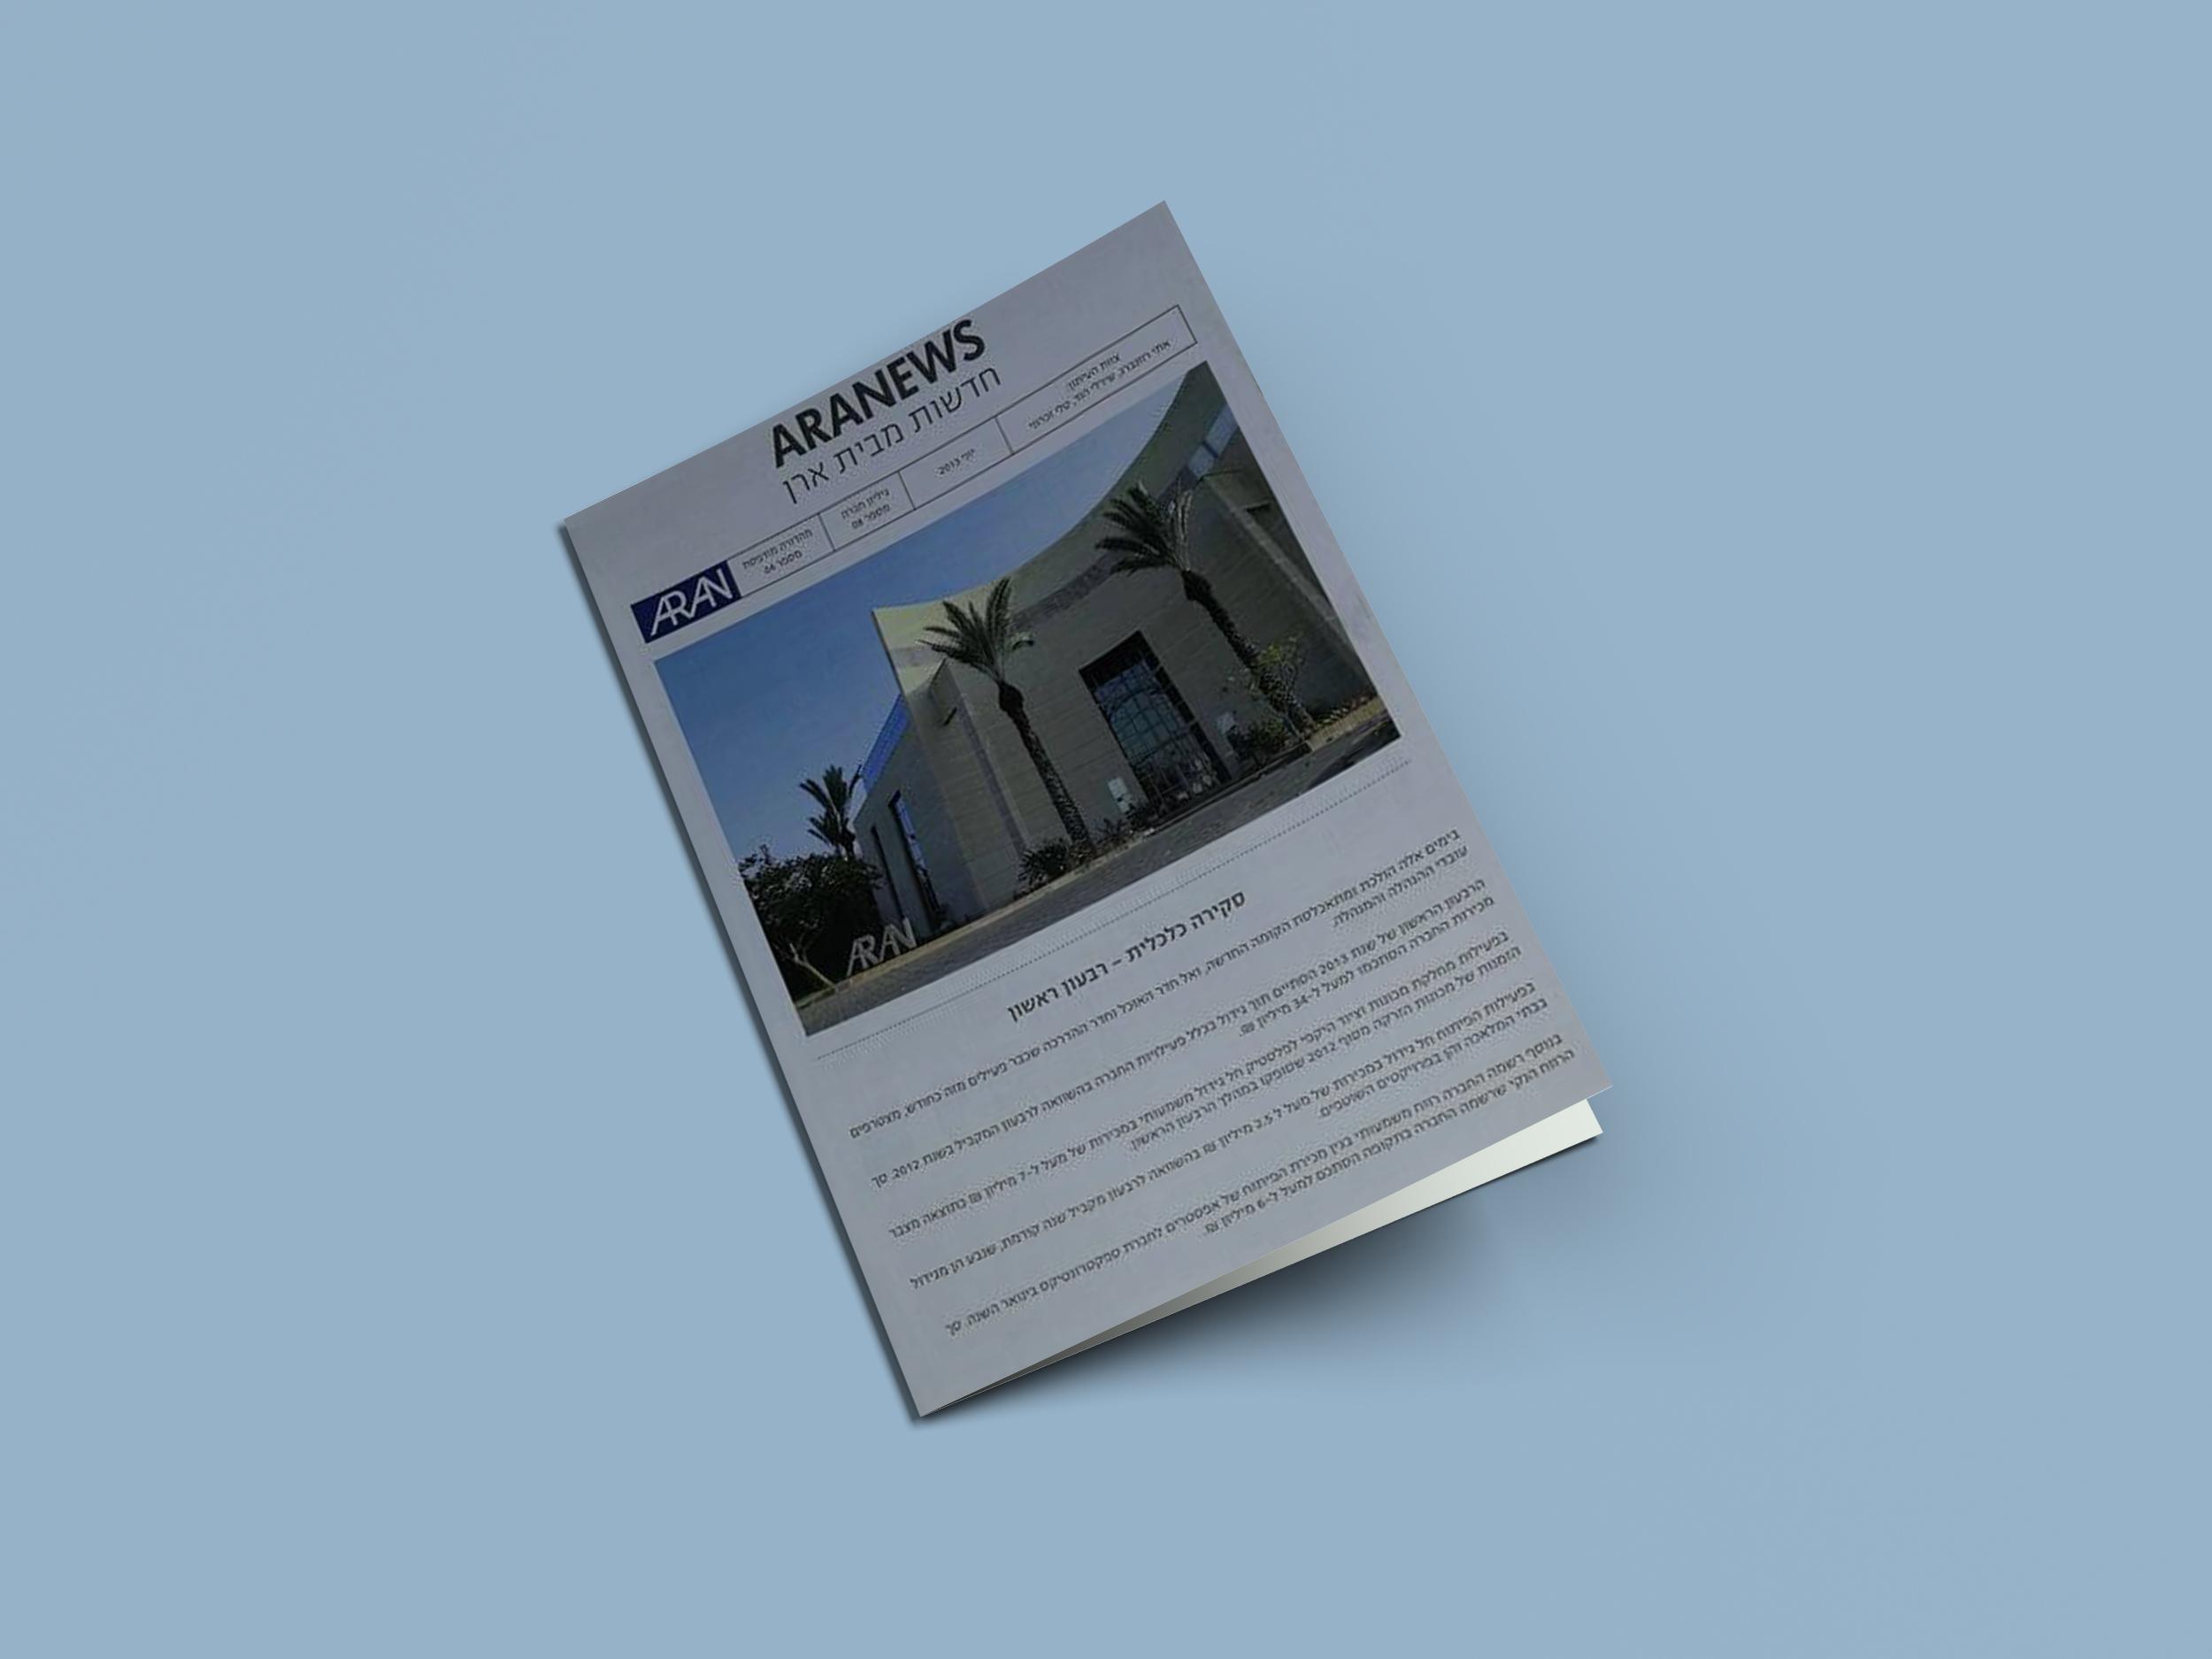 עיתון חברת ארן 16 עמודים, נייר נטול עץ 80 גרם, הדפ